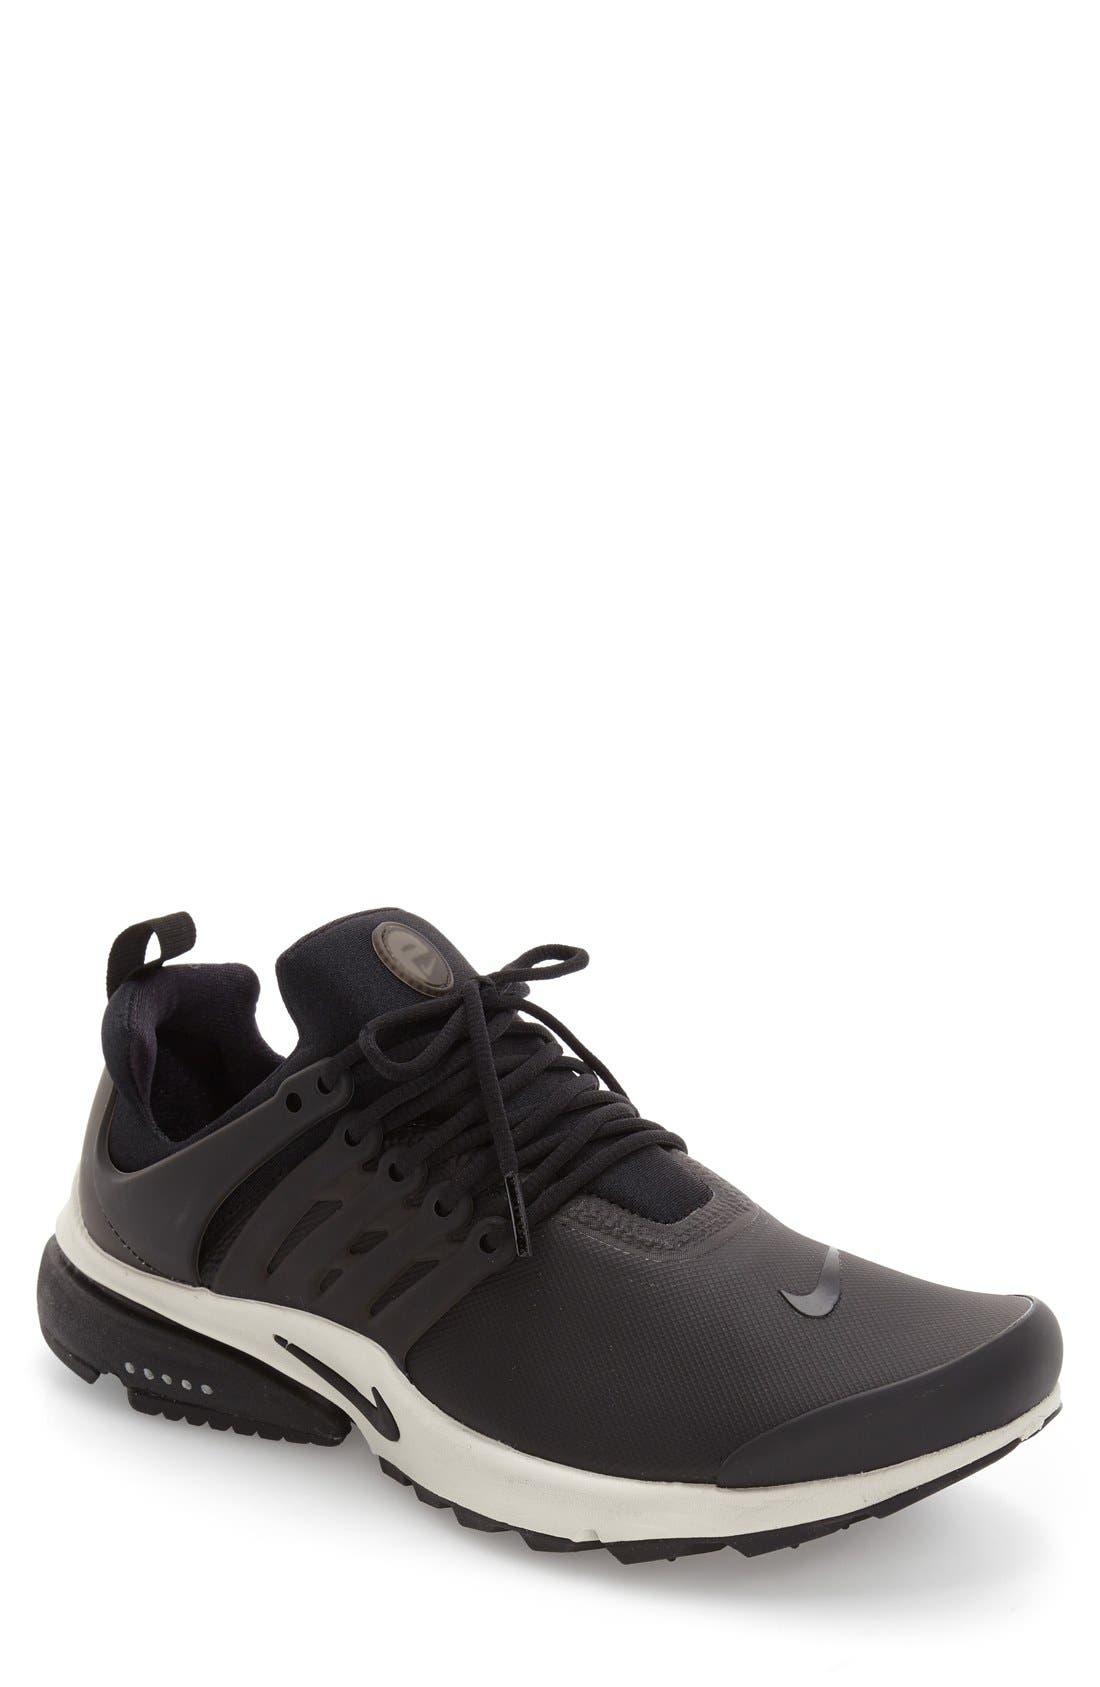 Main Image - Nike Air Presto Low Utility Sneaker (Men)